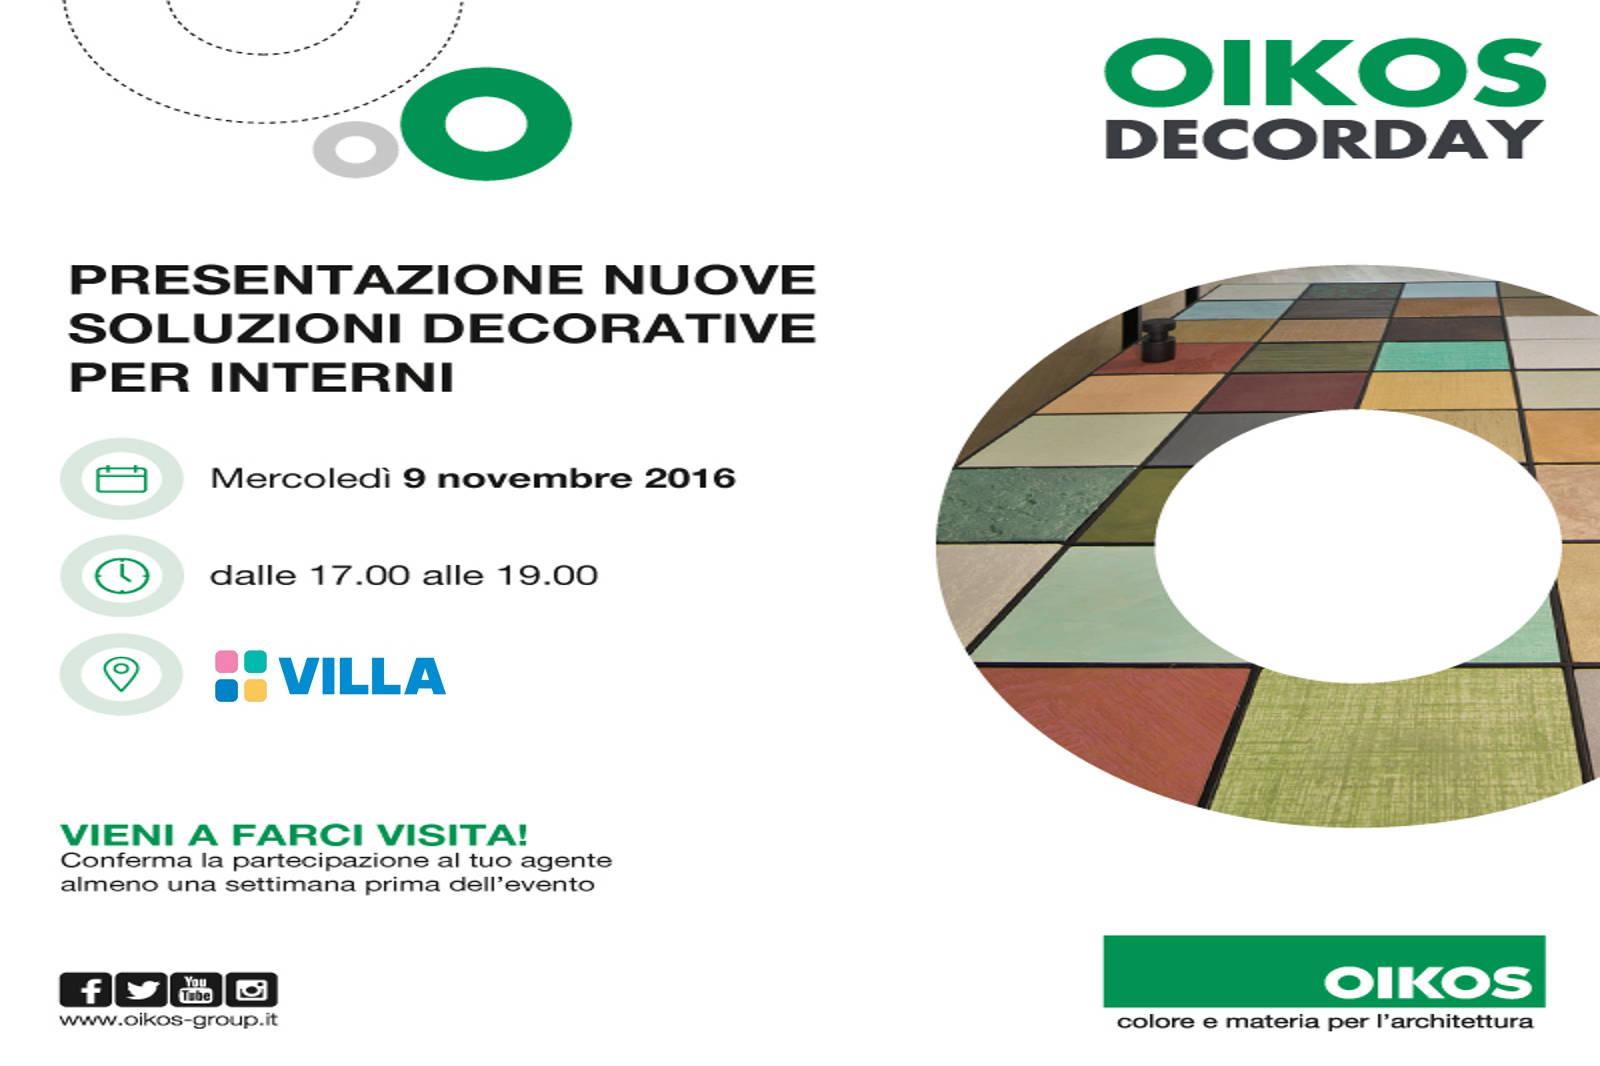 Locandina-Oikos-Decorday-presso-Villa-Srl-di-Frosinone-9-nov-2016.jpg